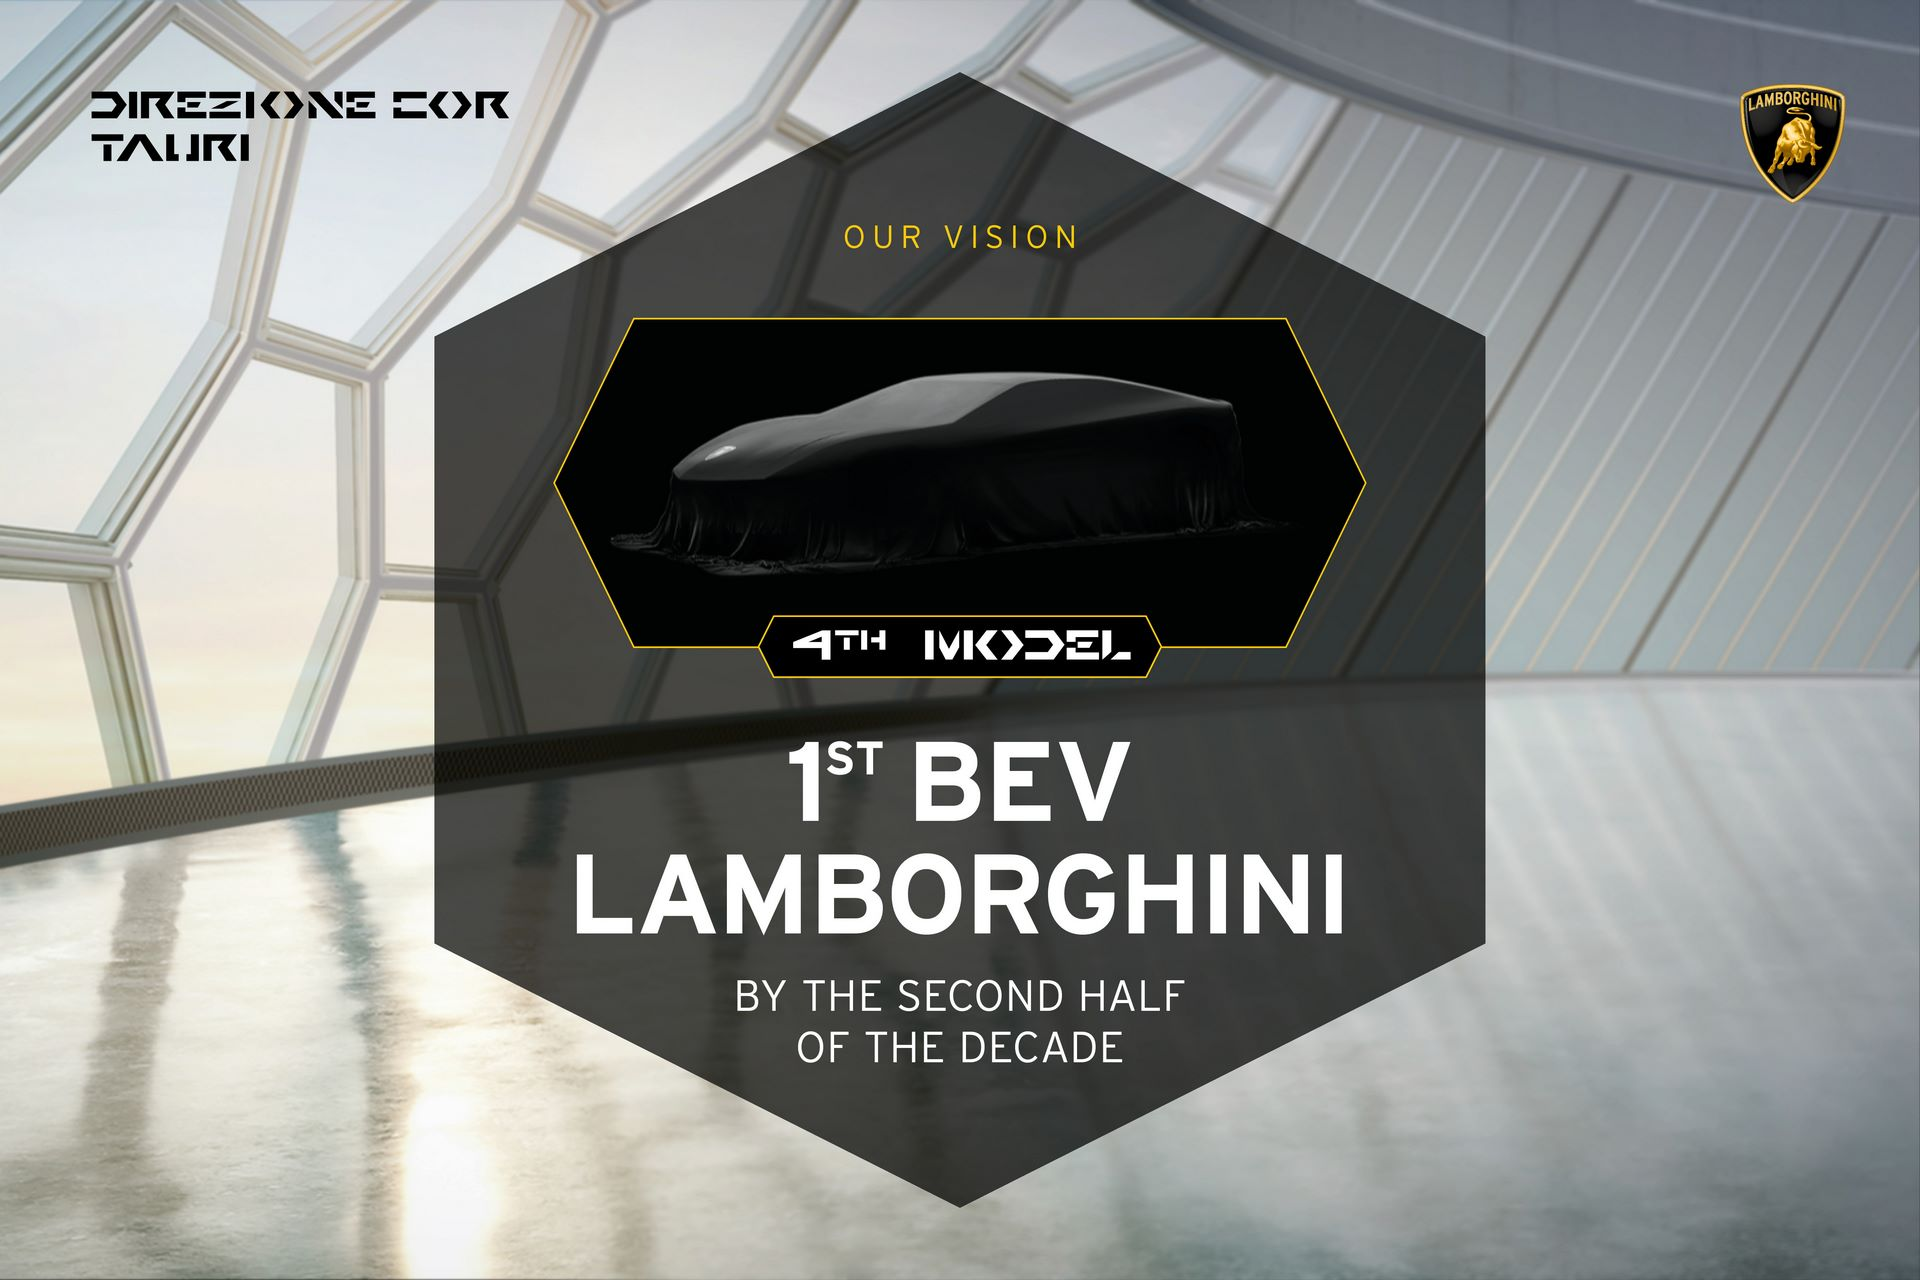 Lamborghini-Direzione-Cor-Tauri-2